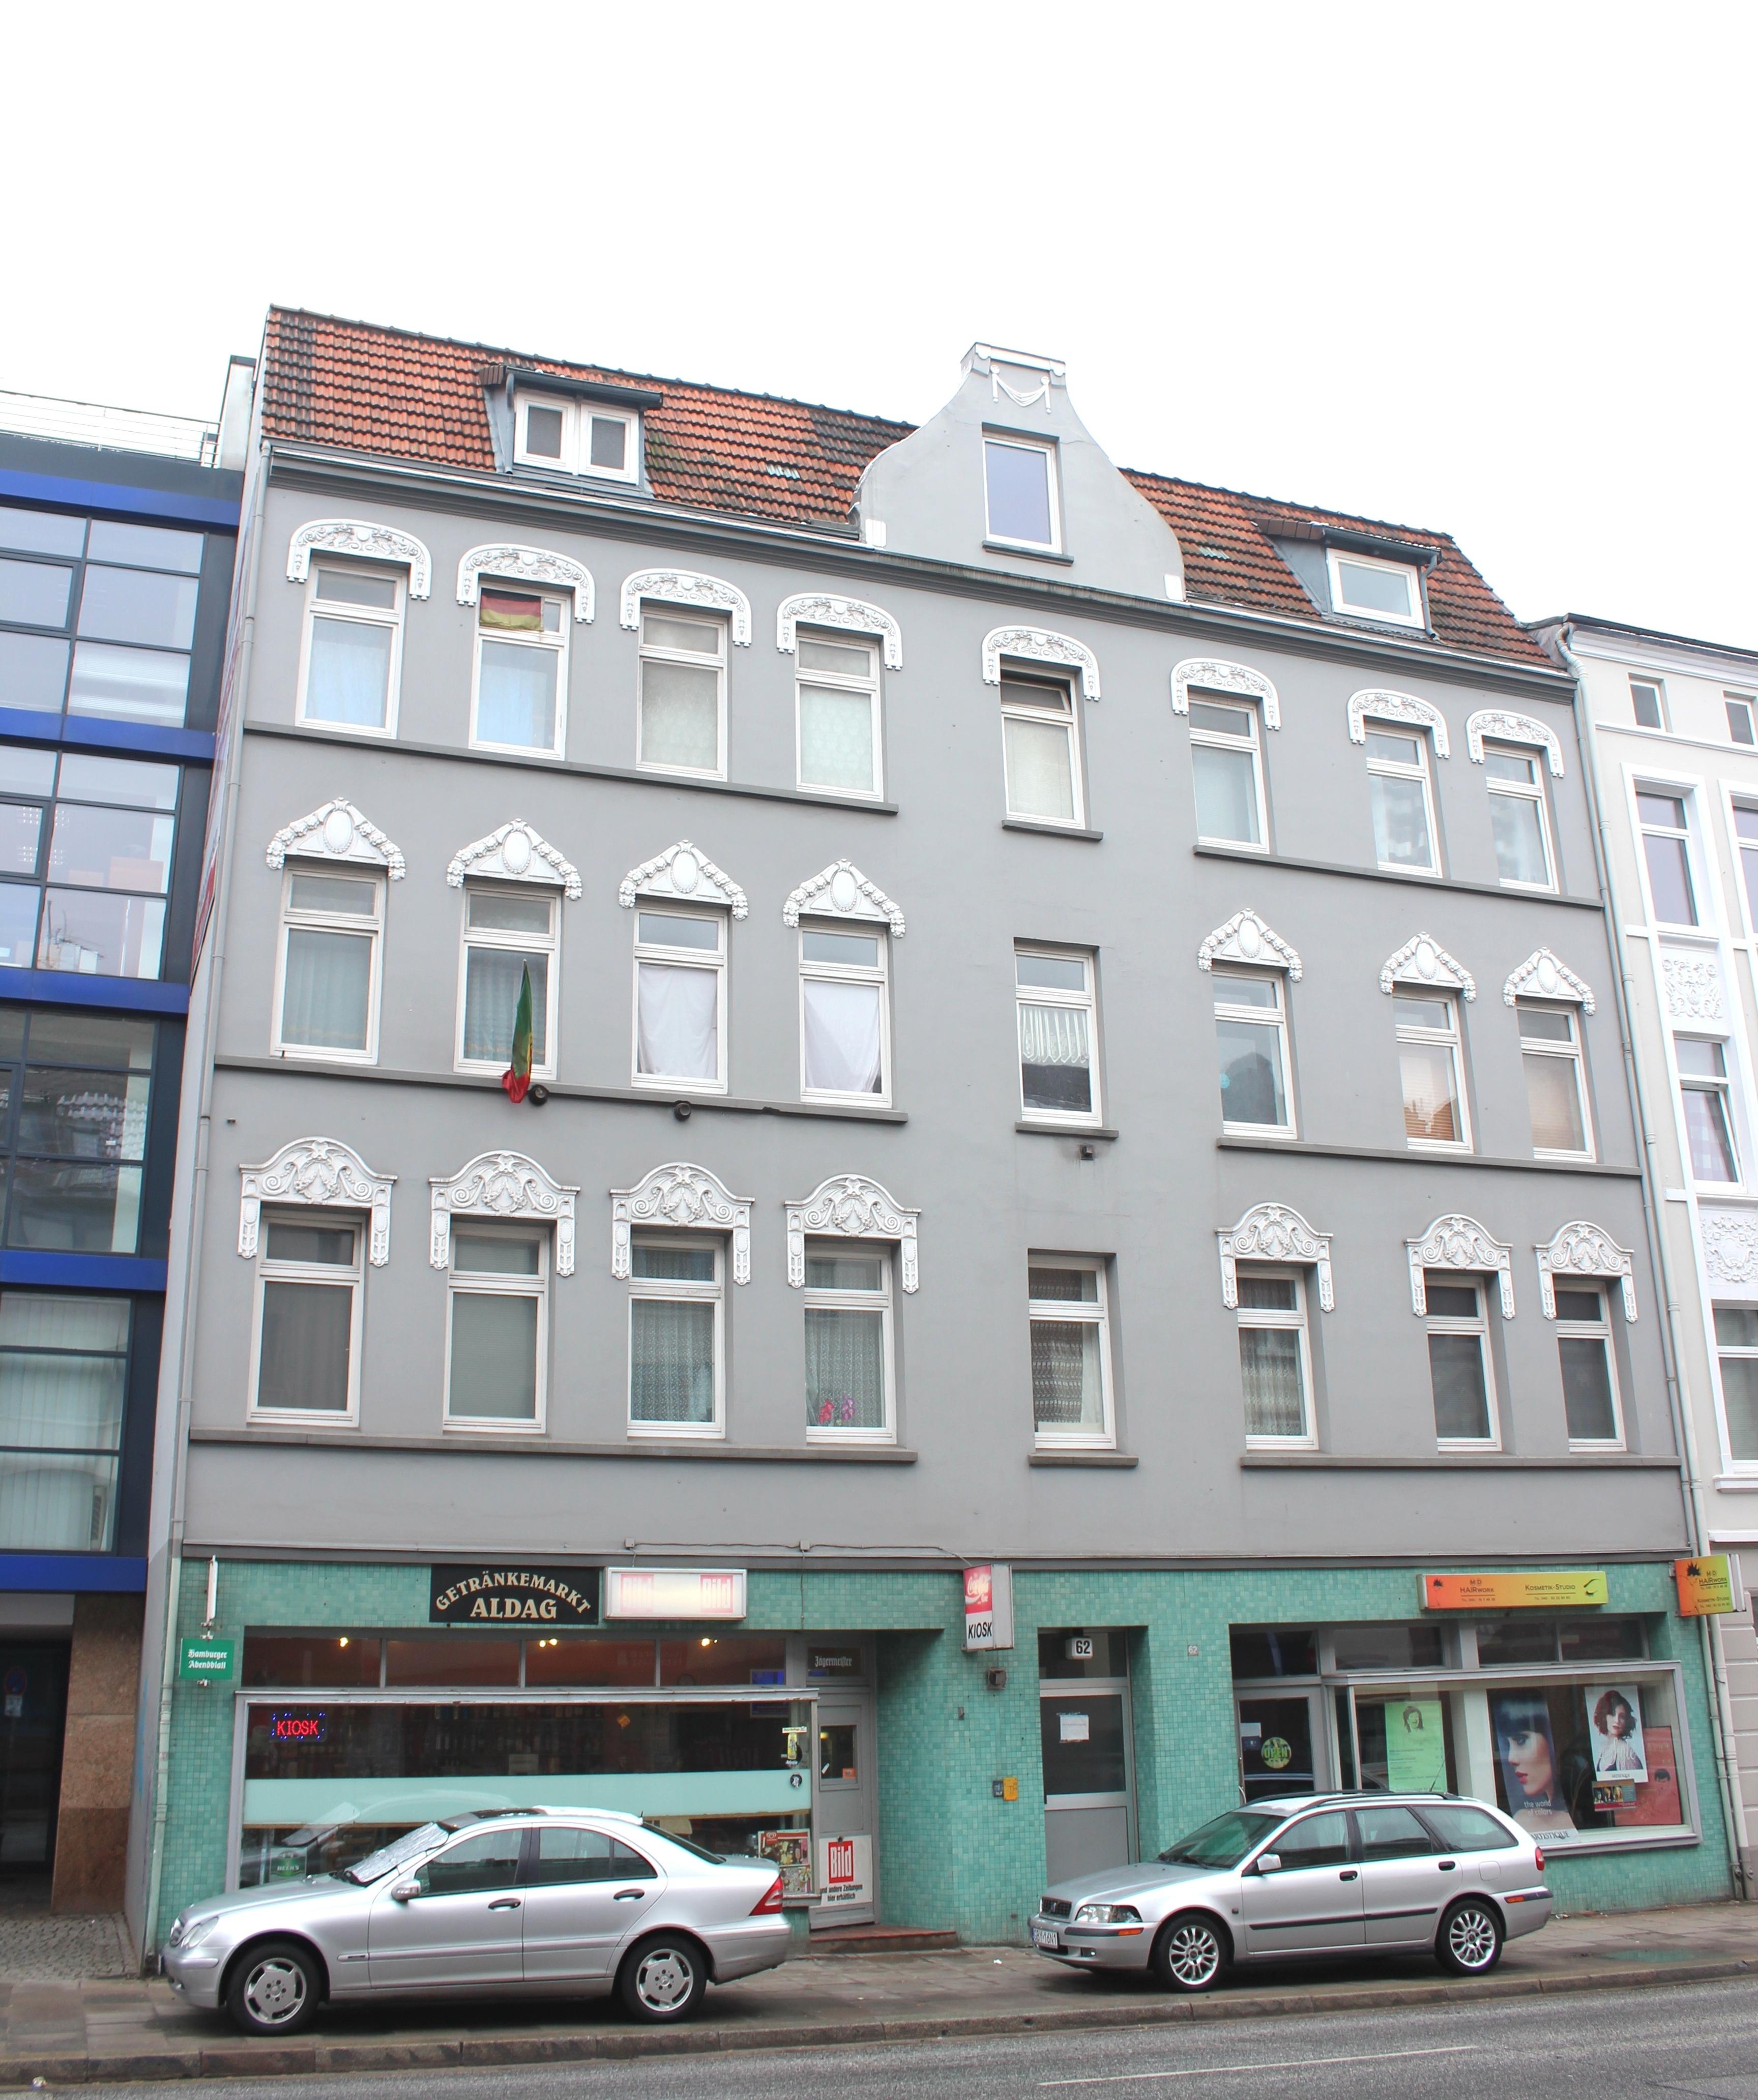 Wohn- und Geschäftshaus mit Hintergebäude in Harburg